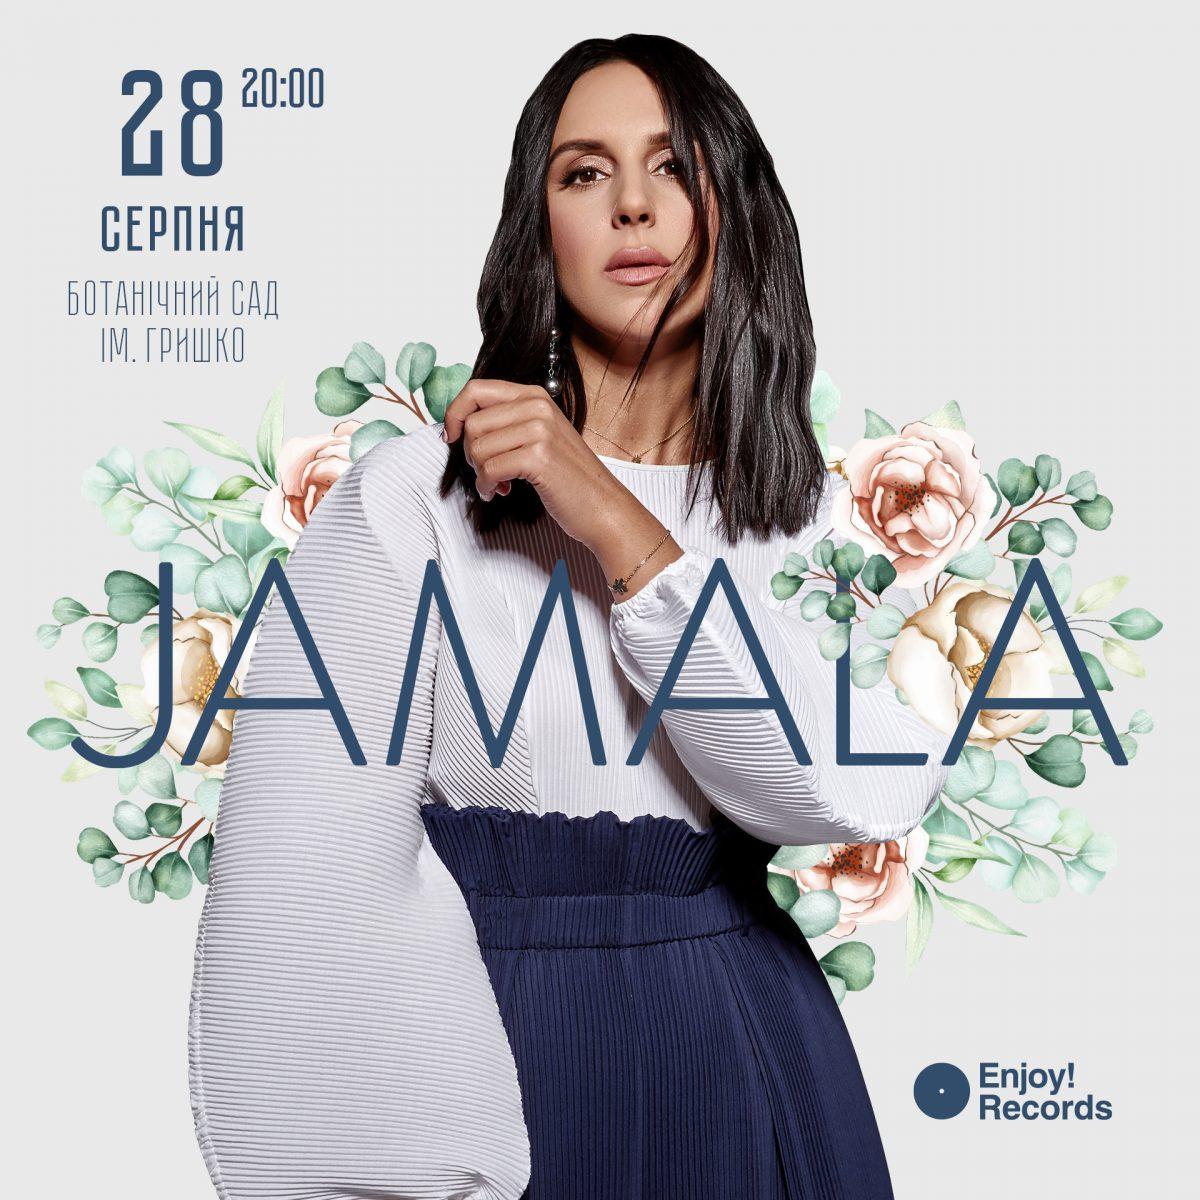 Джамала дасть перший концерт після народження другого сина